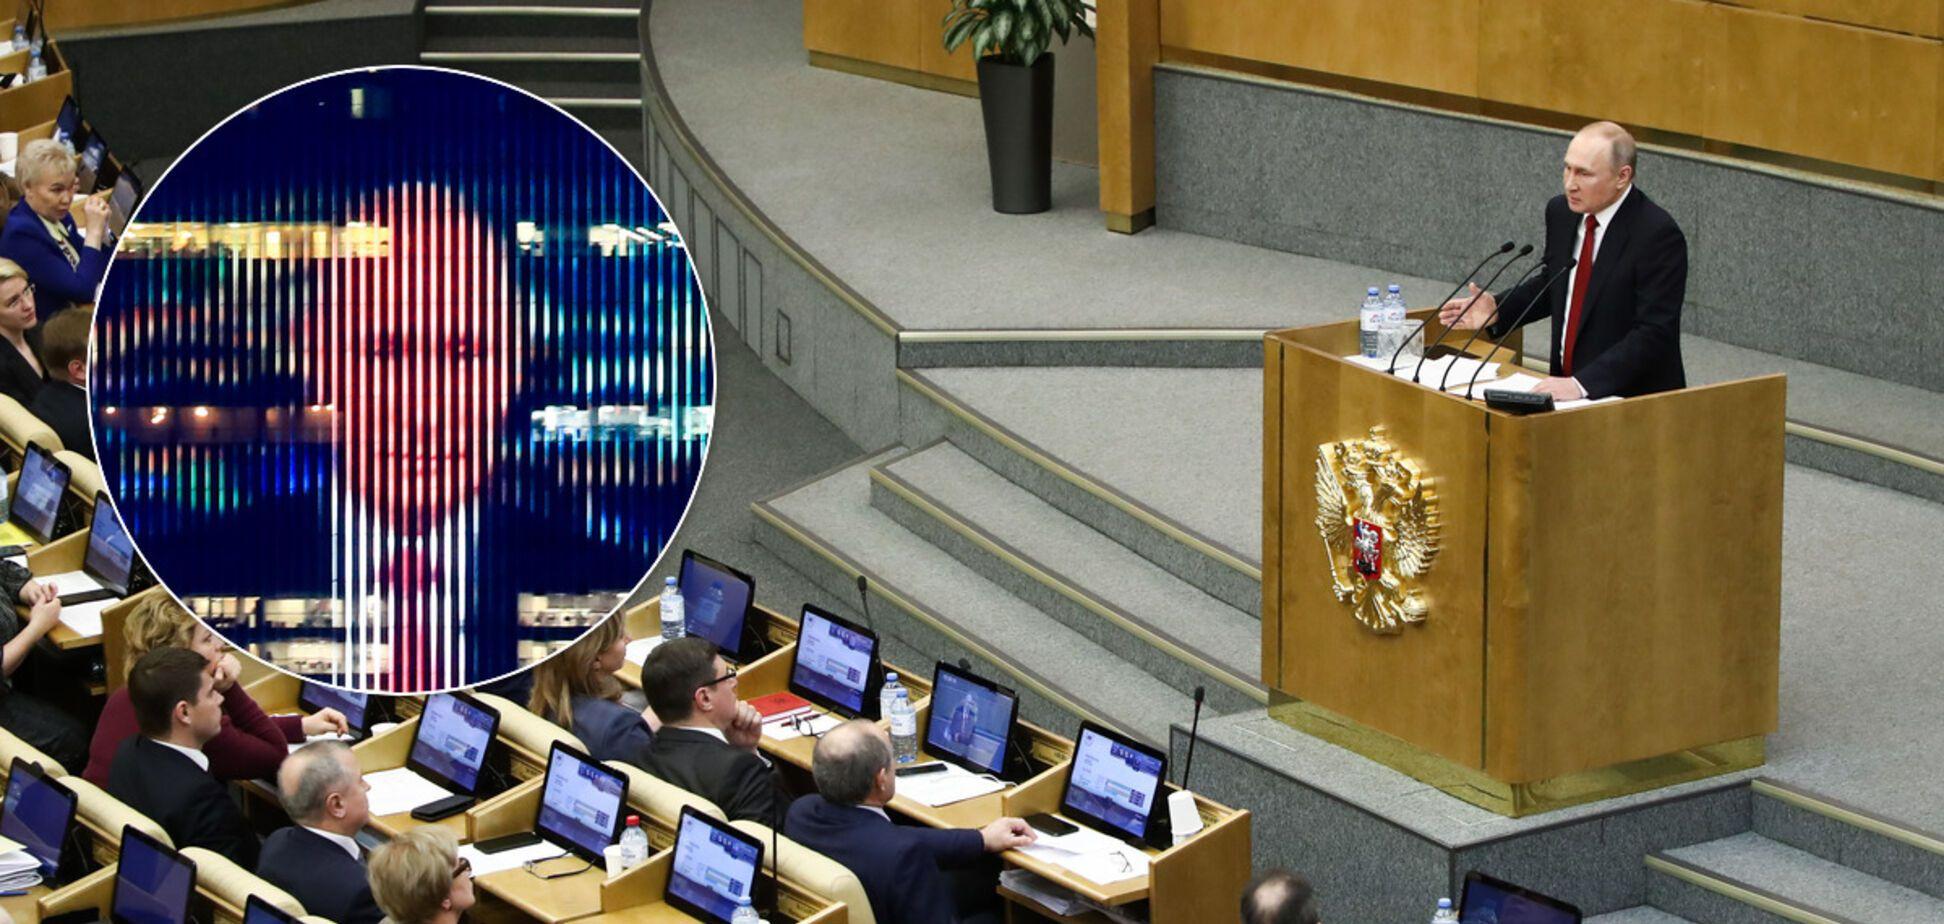 Ще 16 років із Путіним: як Росія перетворилася у країну одного царя і що від цього Україні